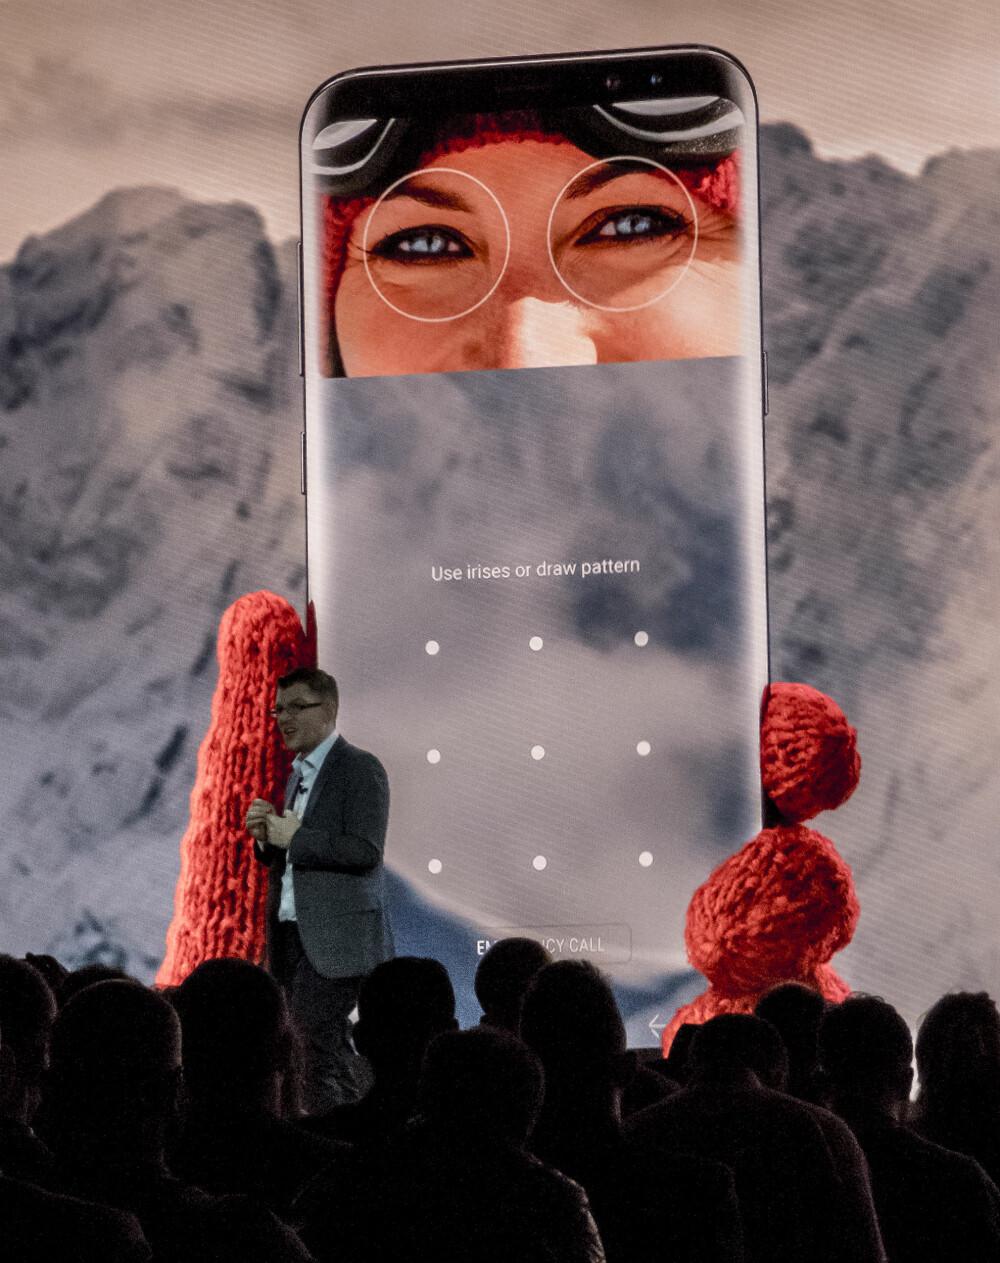 IRIS-SKANNER: Mark Notton fra Samsung presenterte iris-skanneren på Galaxy S8. Nå kan du låse opp mobilen bare ved å se på den.